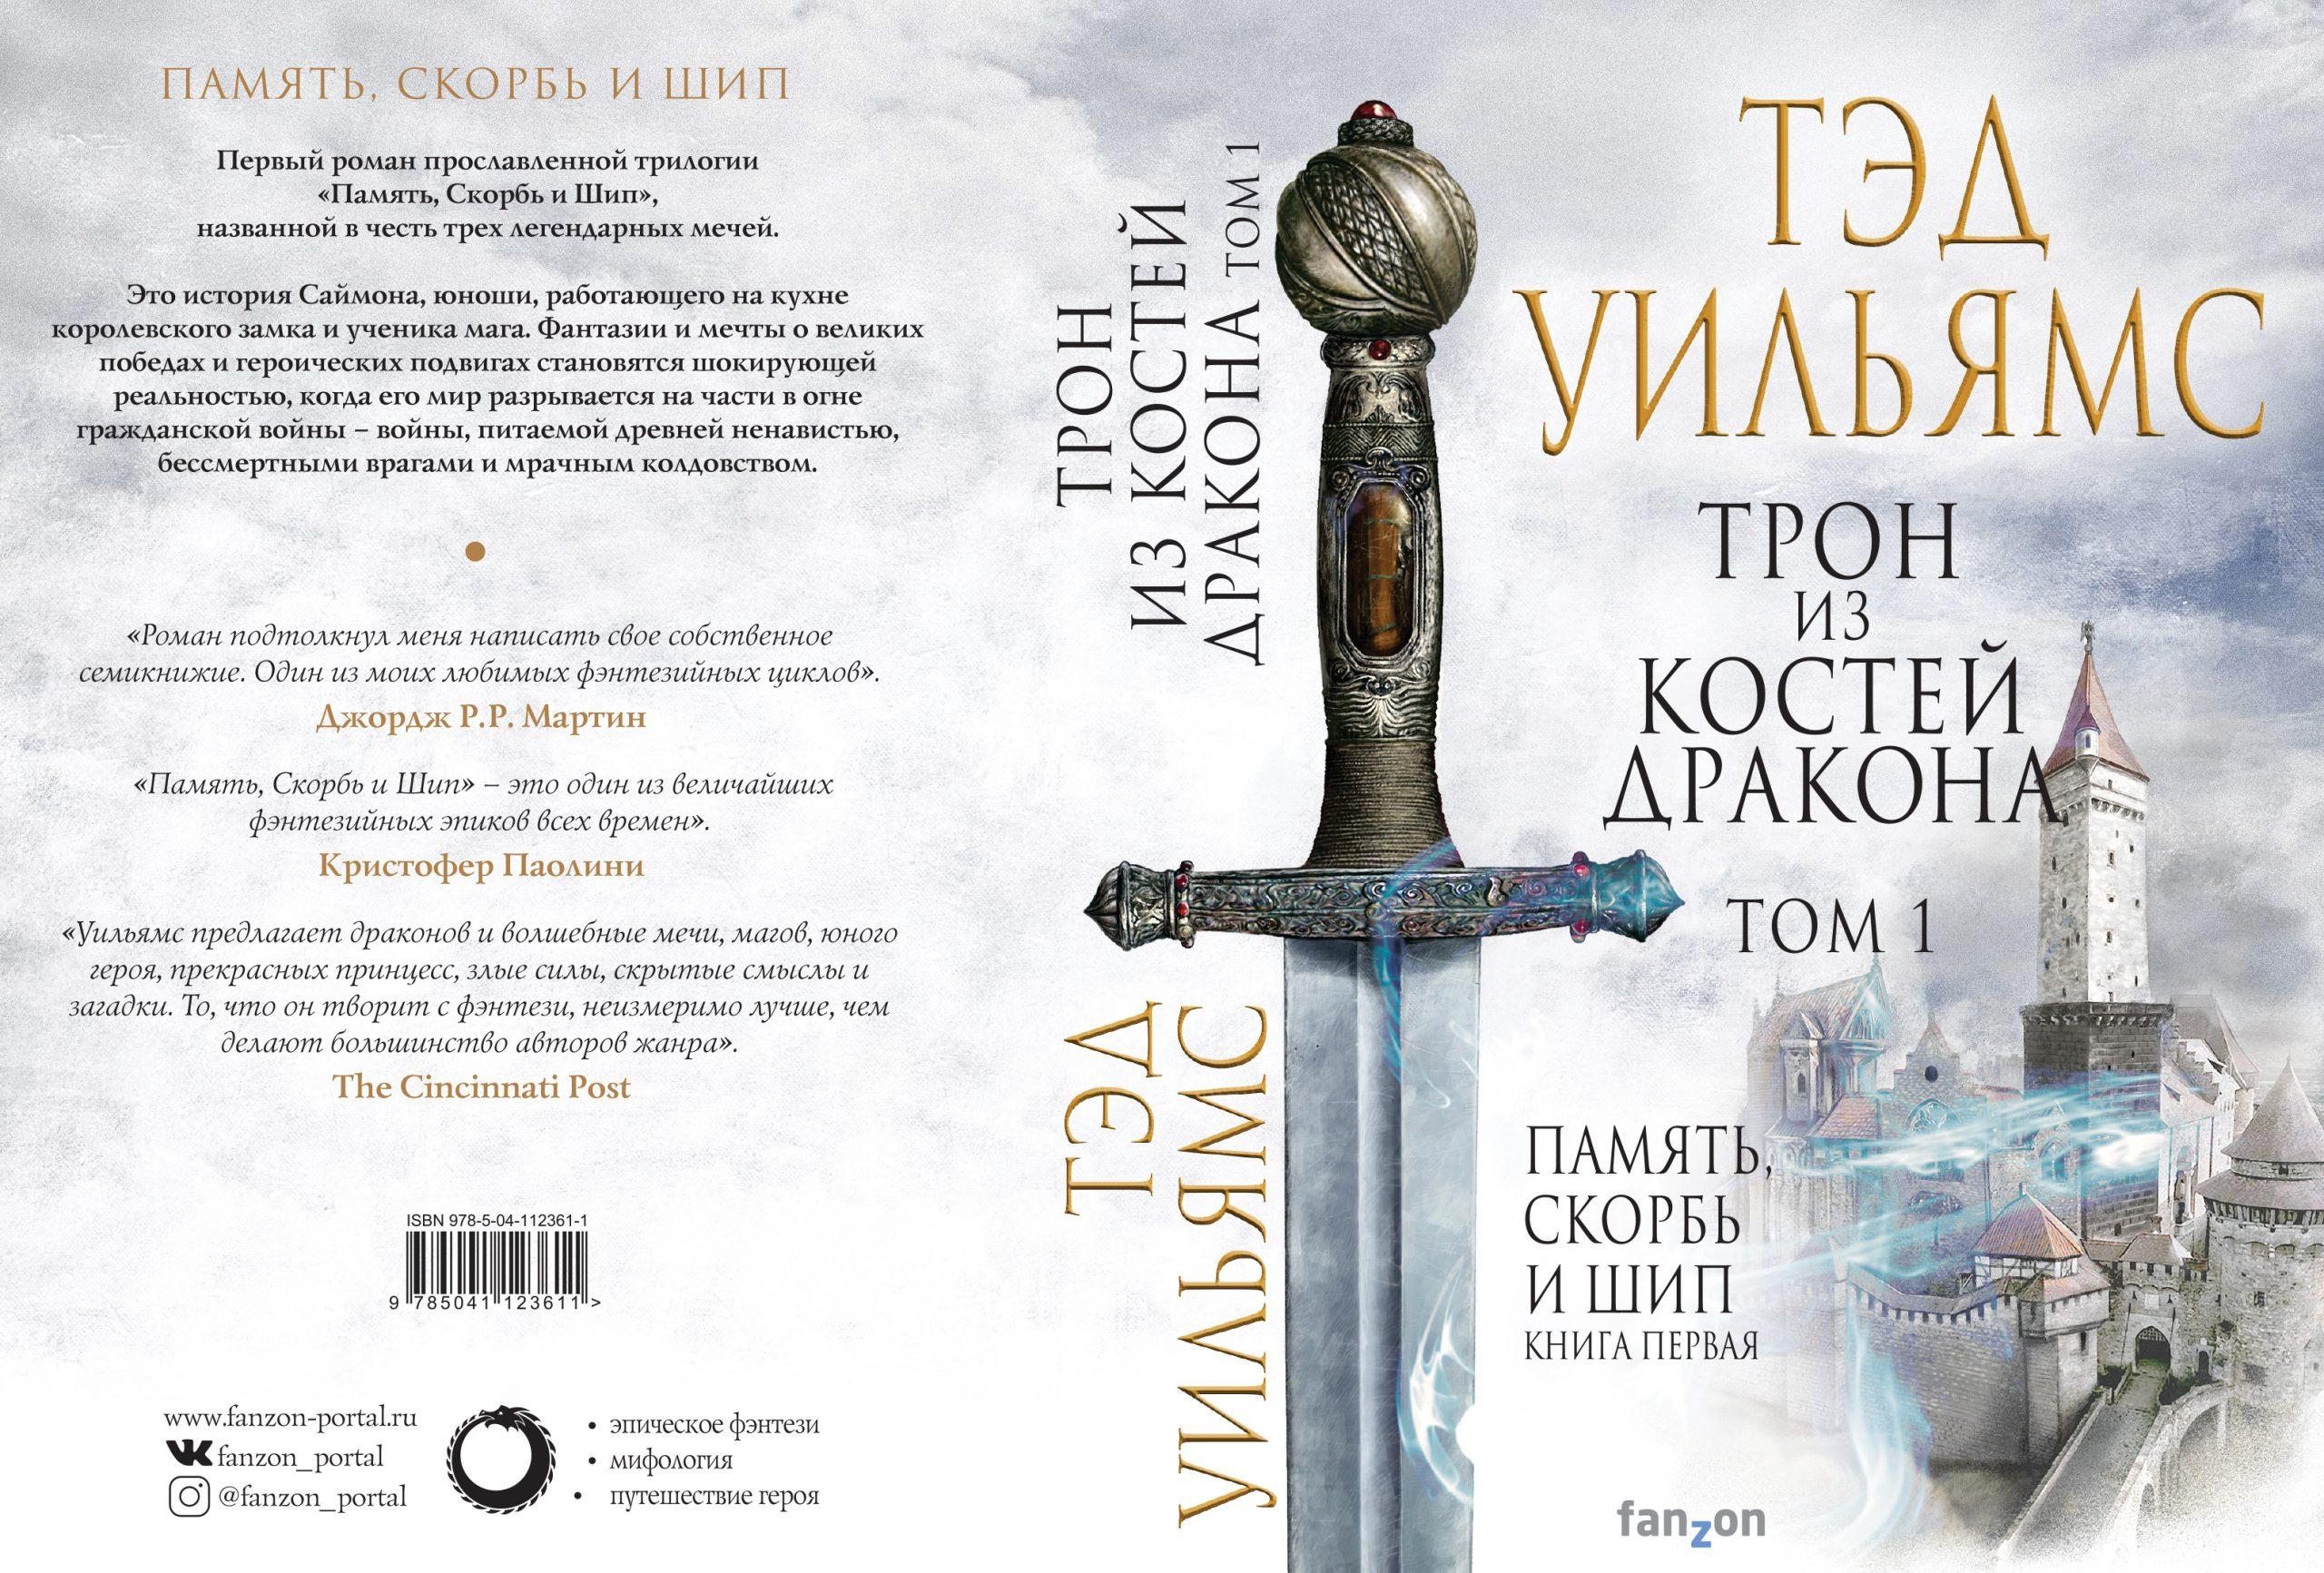 Что почитать: «Золотая империя» Чакраборти, переиздания Тэда Уильямса и Роберта Шекли 2